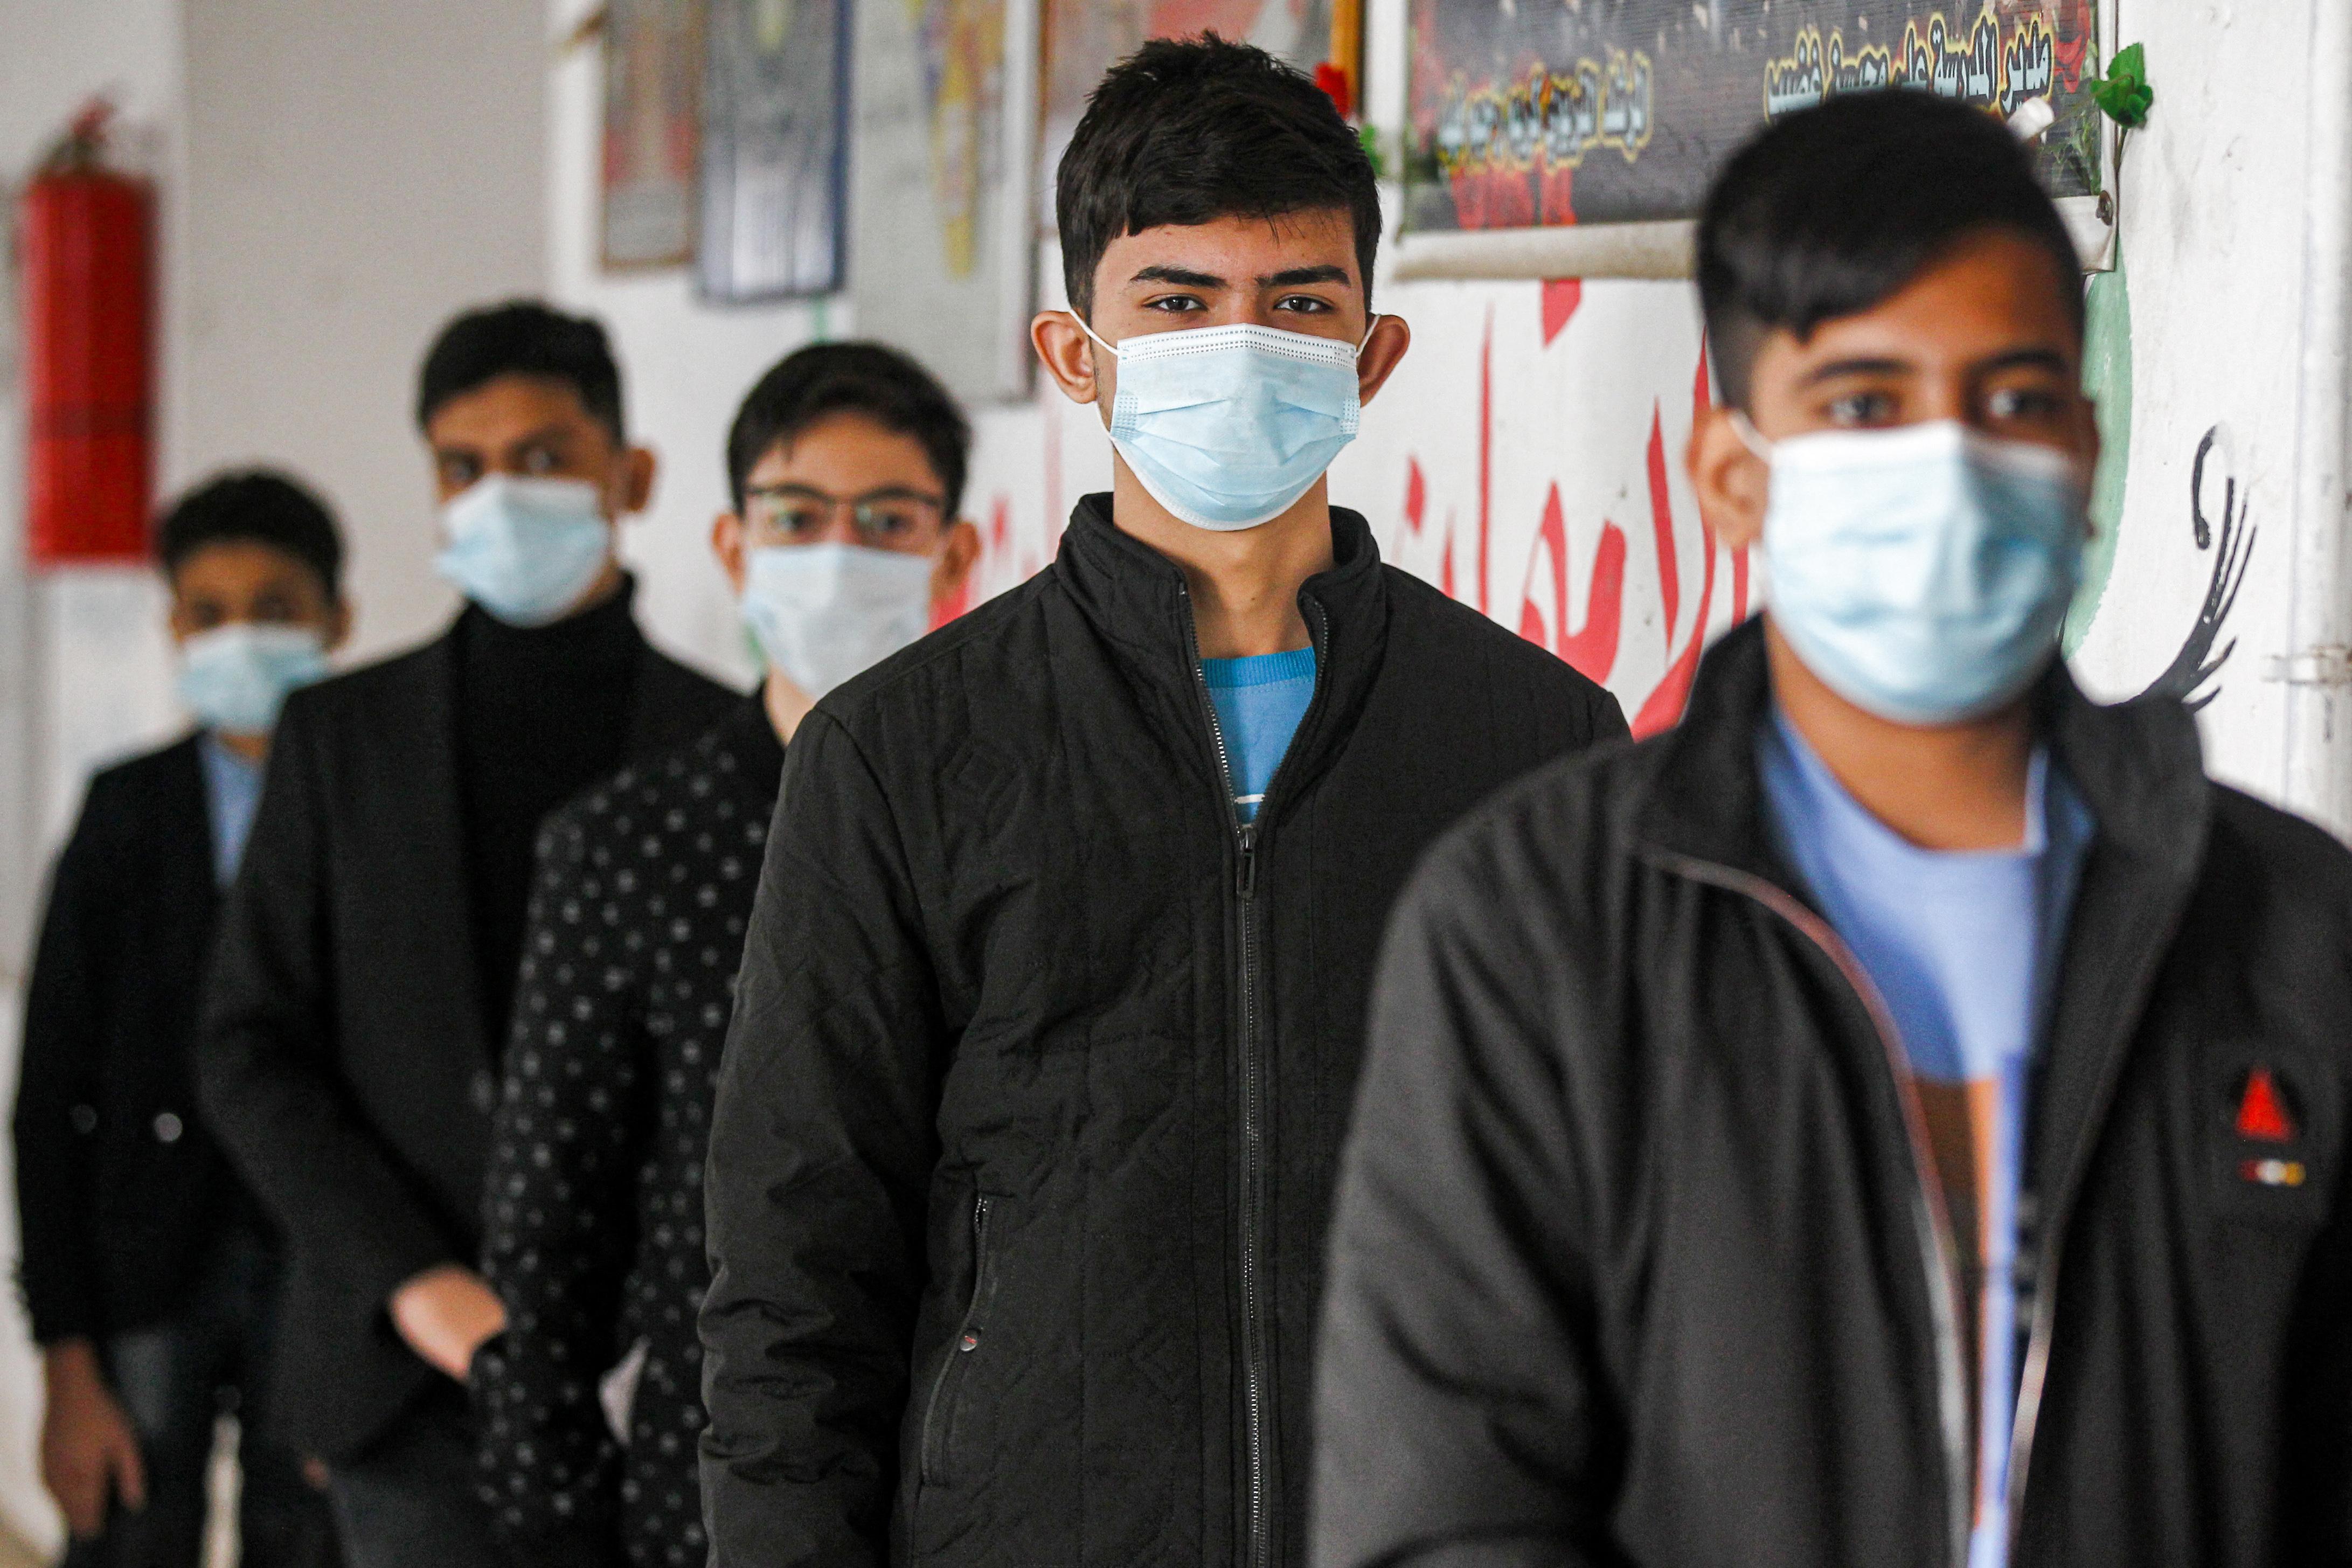 تتخوف السلطات الصحية من فترة بدء الدوام المدرسي المقبلة